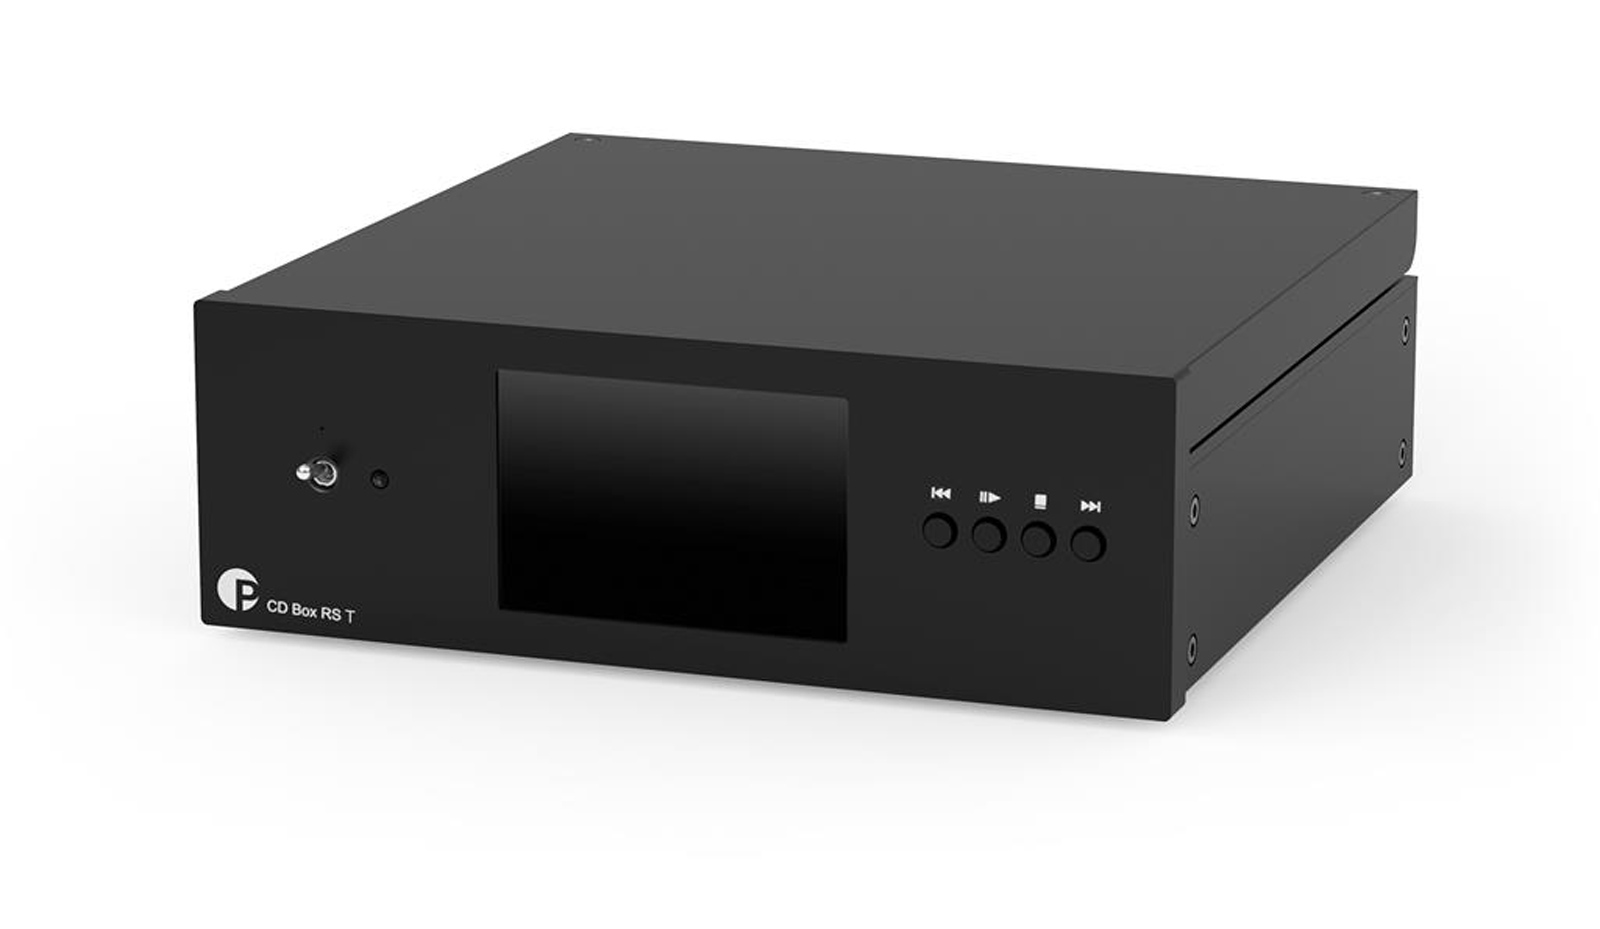 CD Box RS2 T